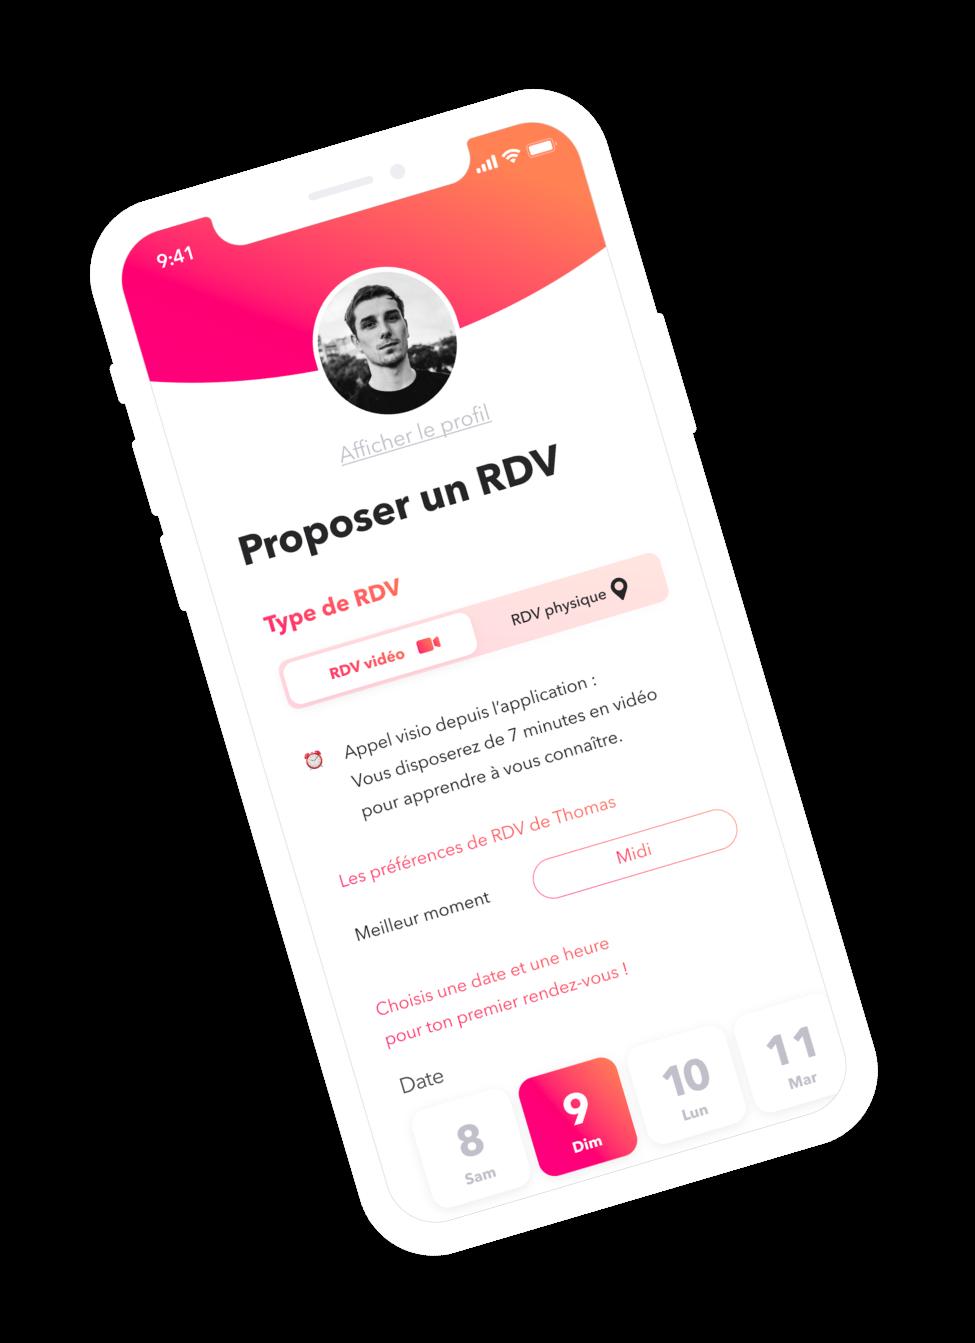 Smack Date - Proposition de rendez-vous sur l'application de rencontre